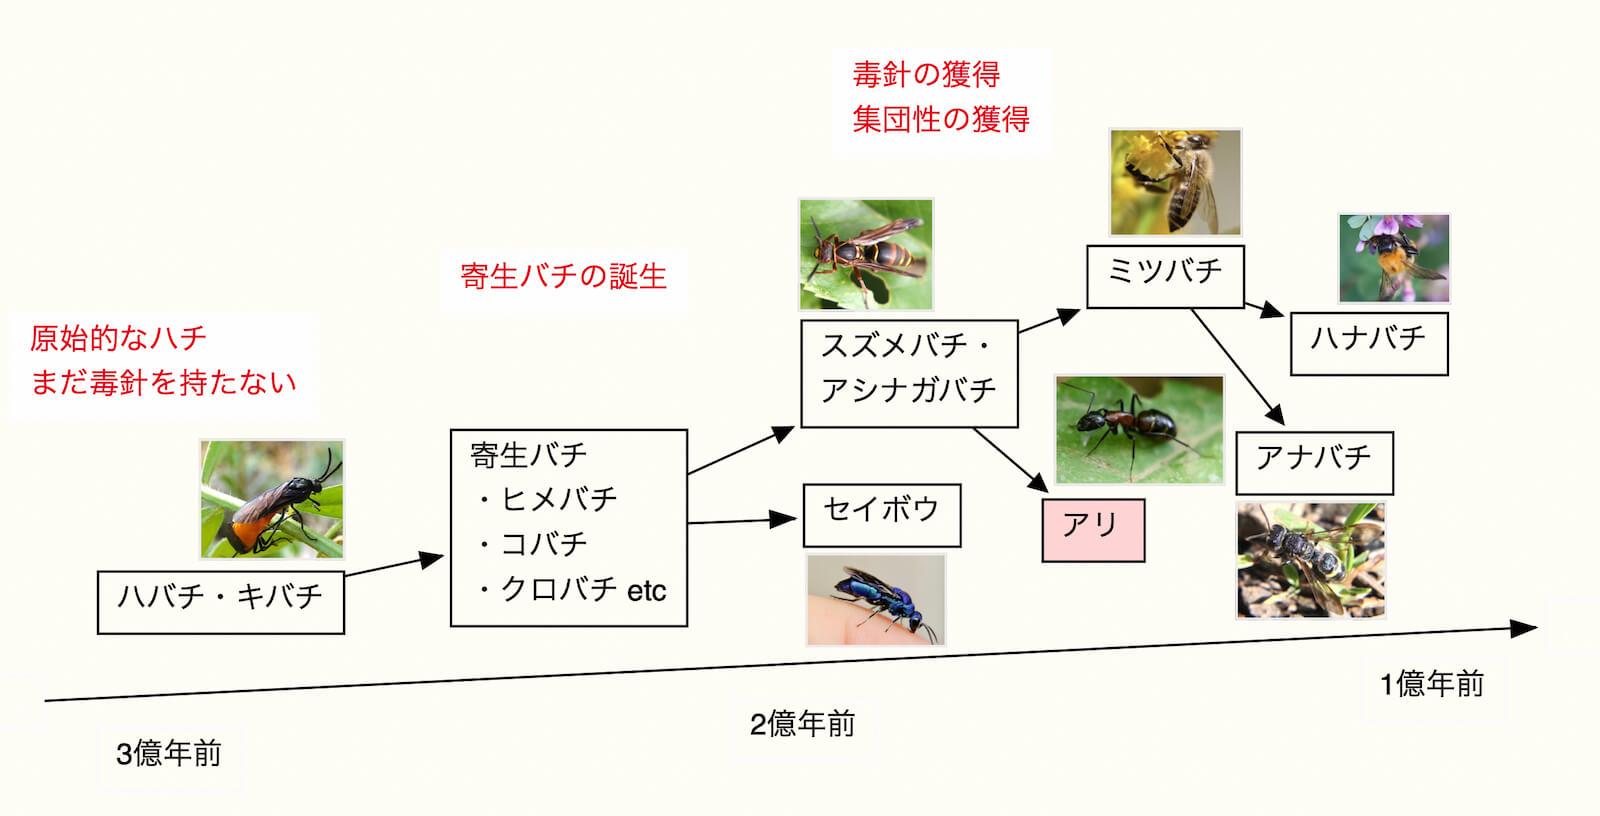 アリはハチから進化した。進化図で解説。